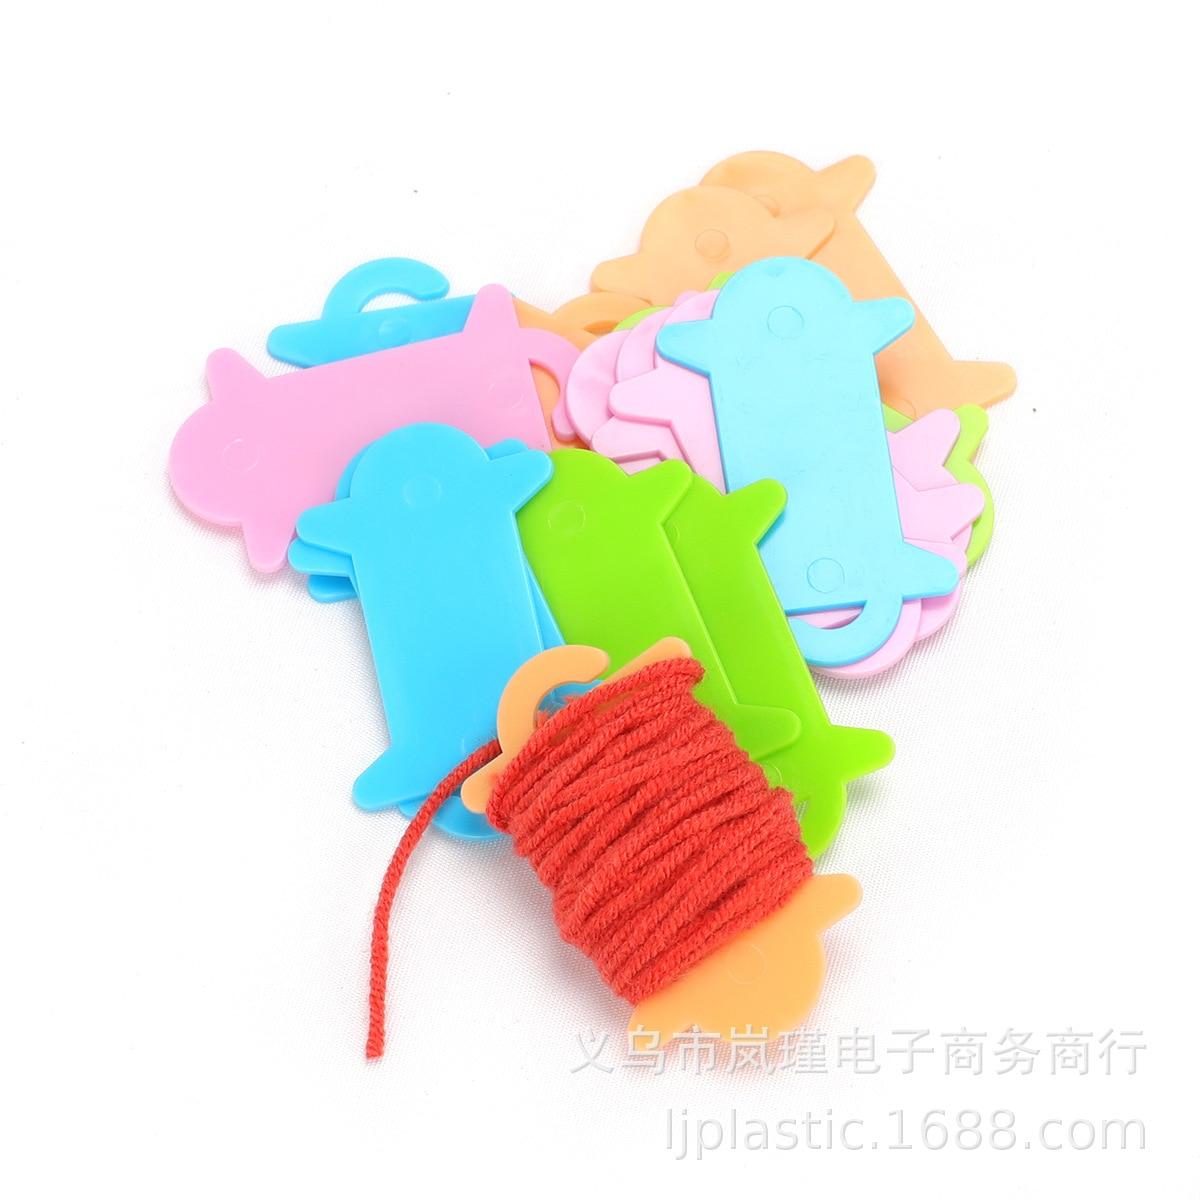 Lan Jin Amazon хит продаж 10 упаковок утолщенной цветной проволочной панели инструмент для плетения аксессуары производители AC038